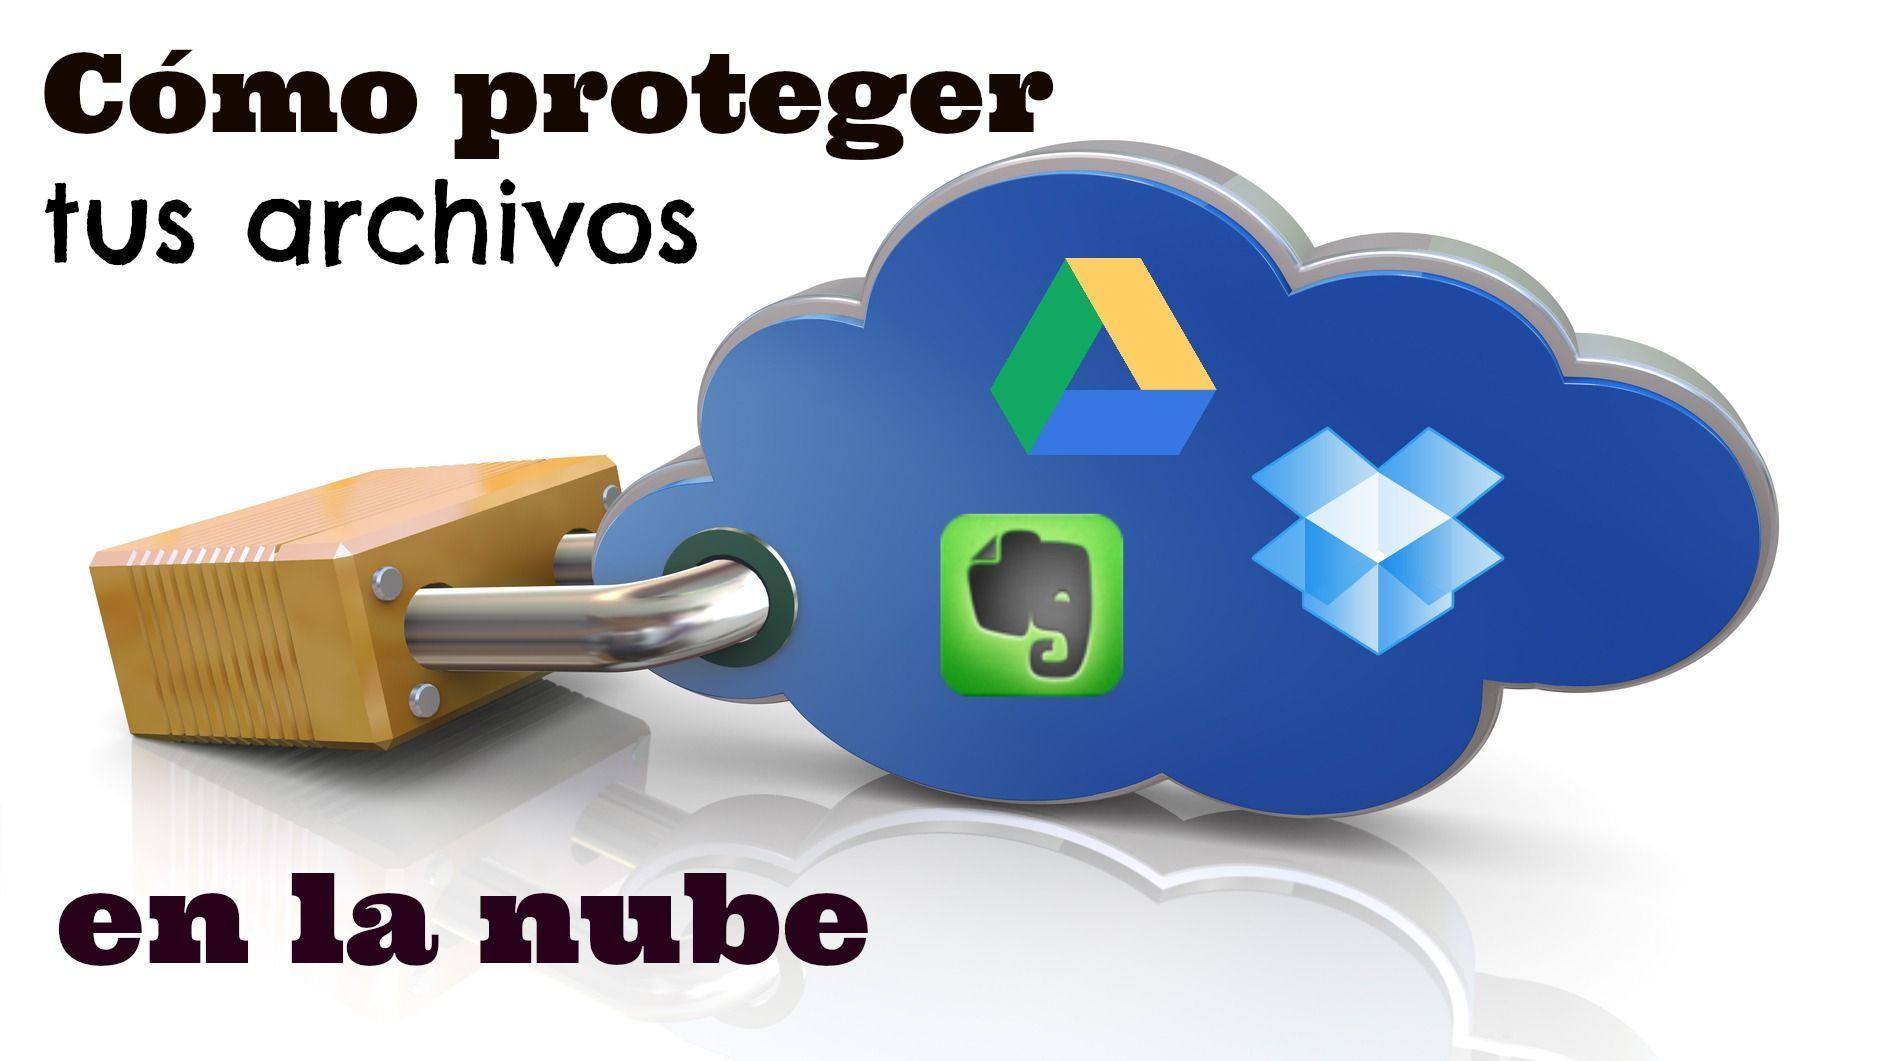 Como-proteger-tus-archivos-guardados-en-la-nube-evernote-y-dropbox         http://www.totemguard.com/aulatotem/2014/03/como-proteger-tus-archivos-guardados-en-la-nube-evernote-y-dropbox/